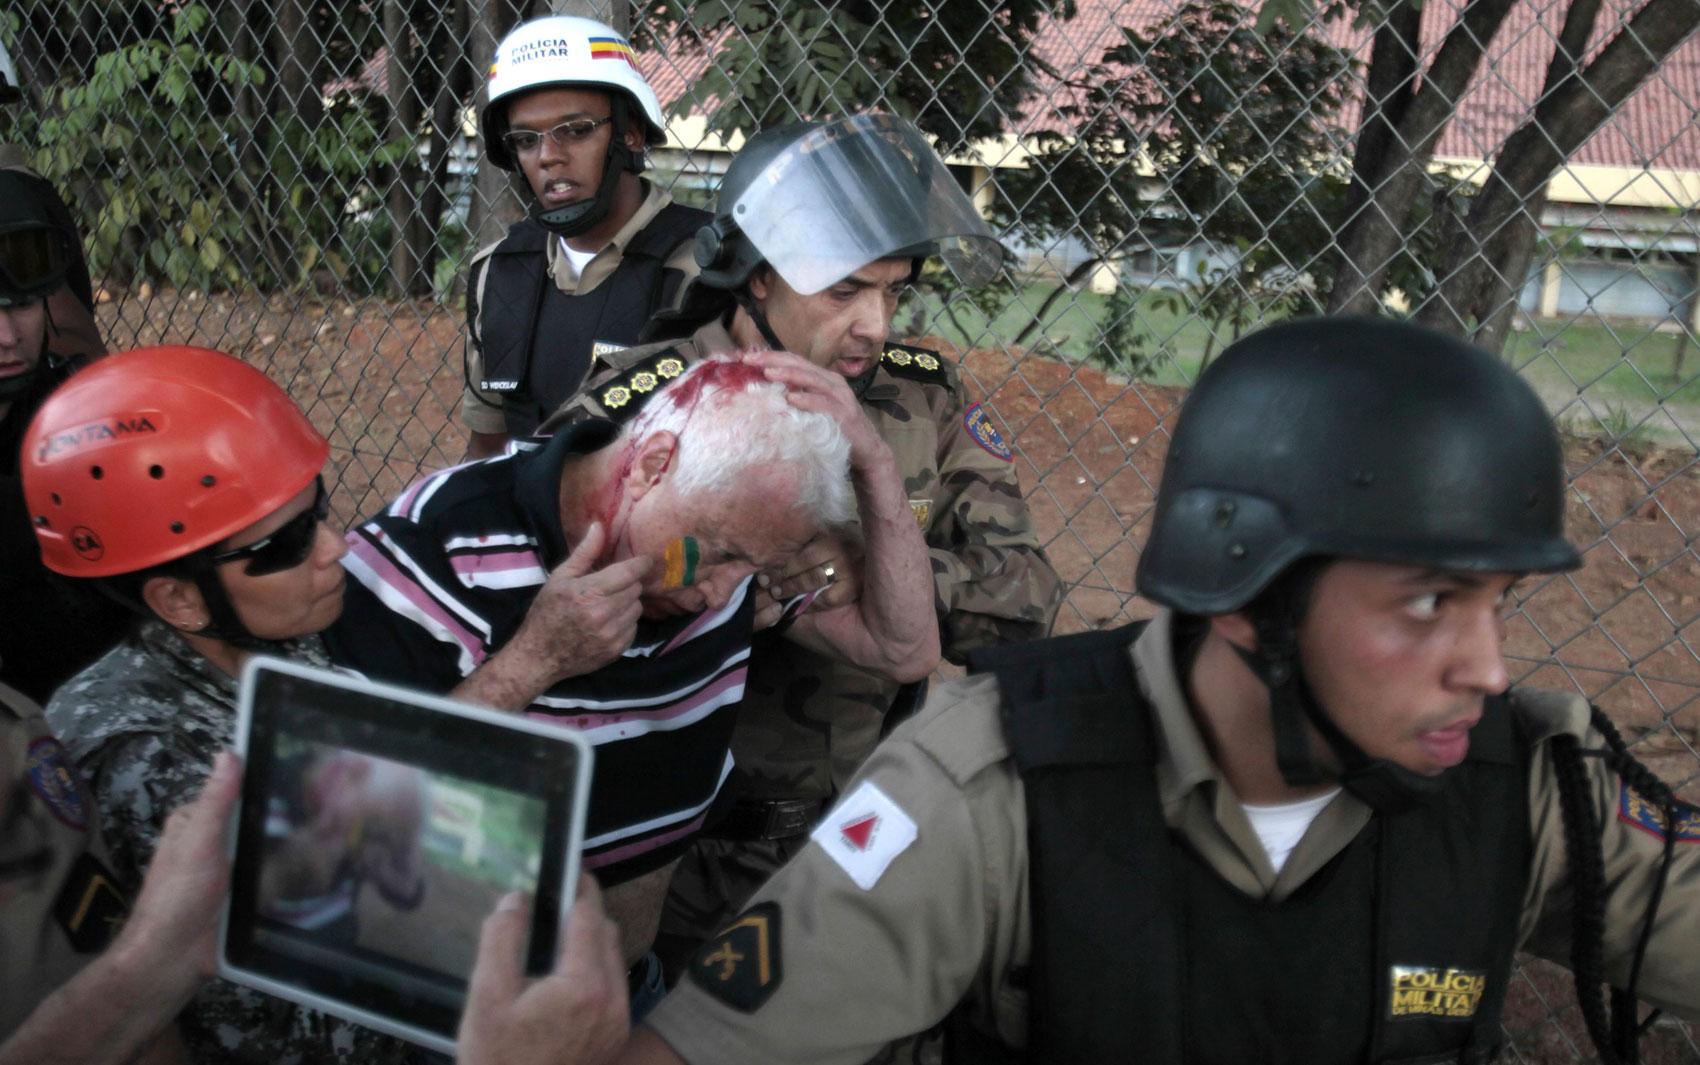 Belo Horizonte – Homem ferido na região do estádio do Mineirão é auxiliado por policiais; estádio recebeu neste sábado jogo México x Japão, válido pela Copa das Confederações